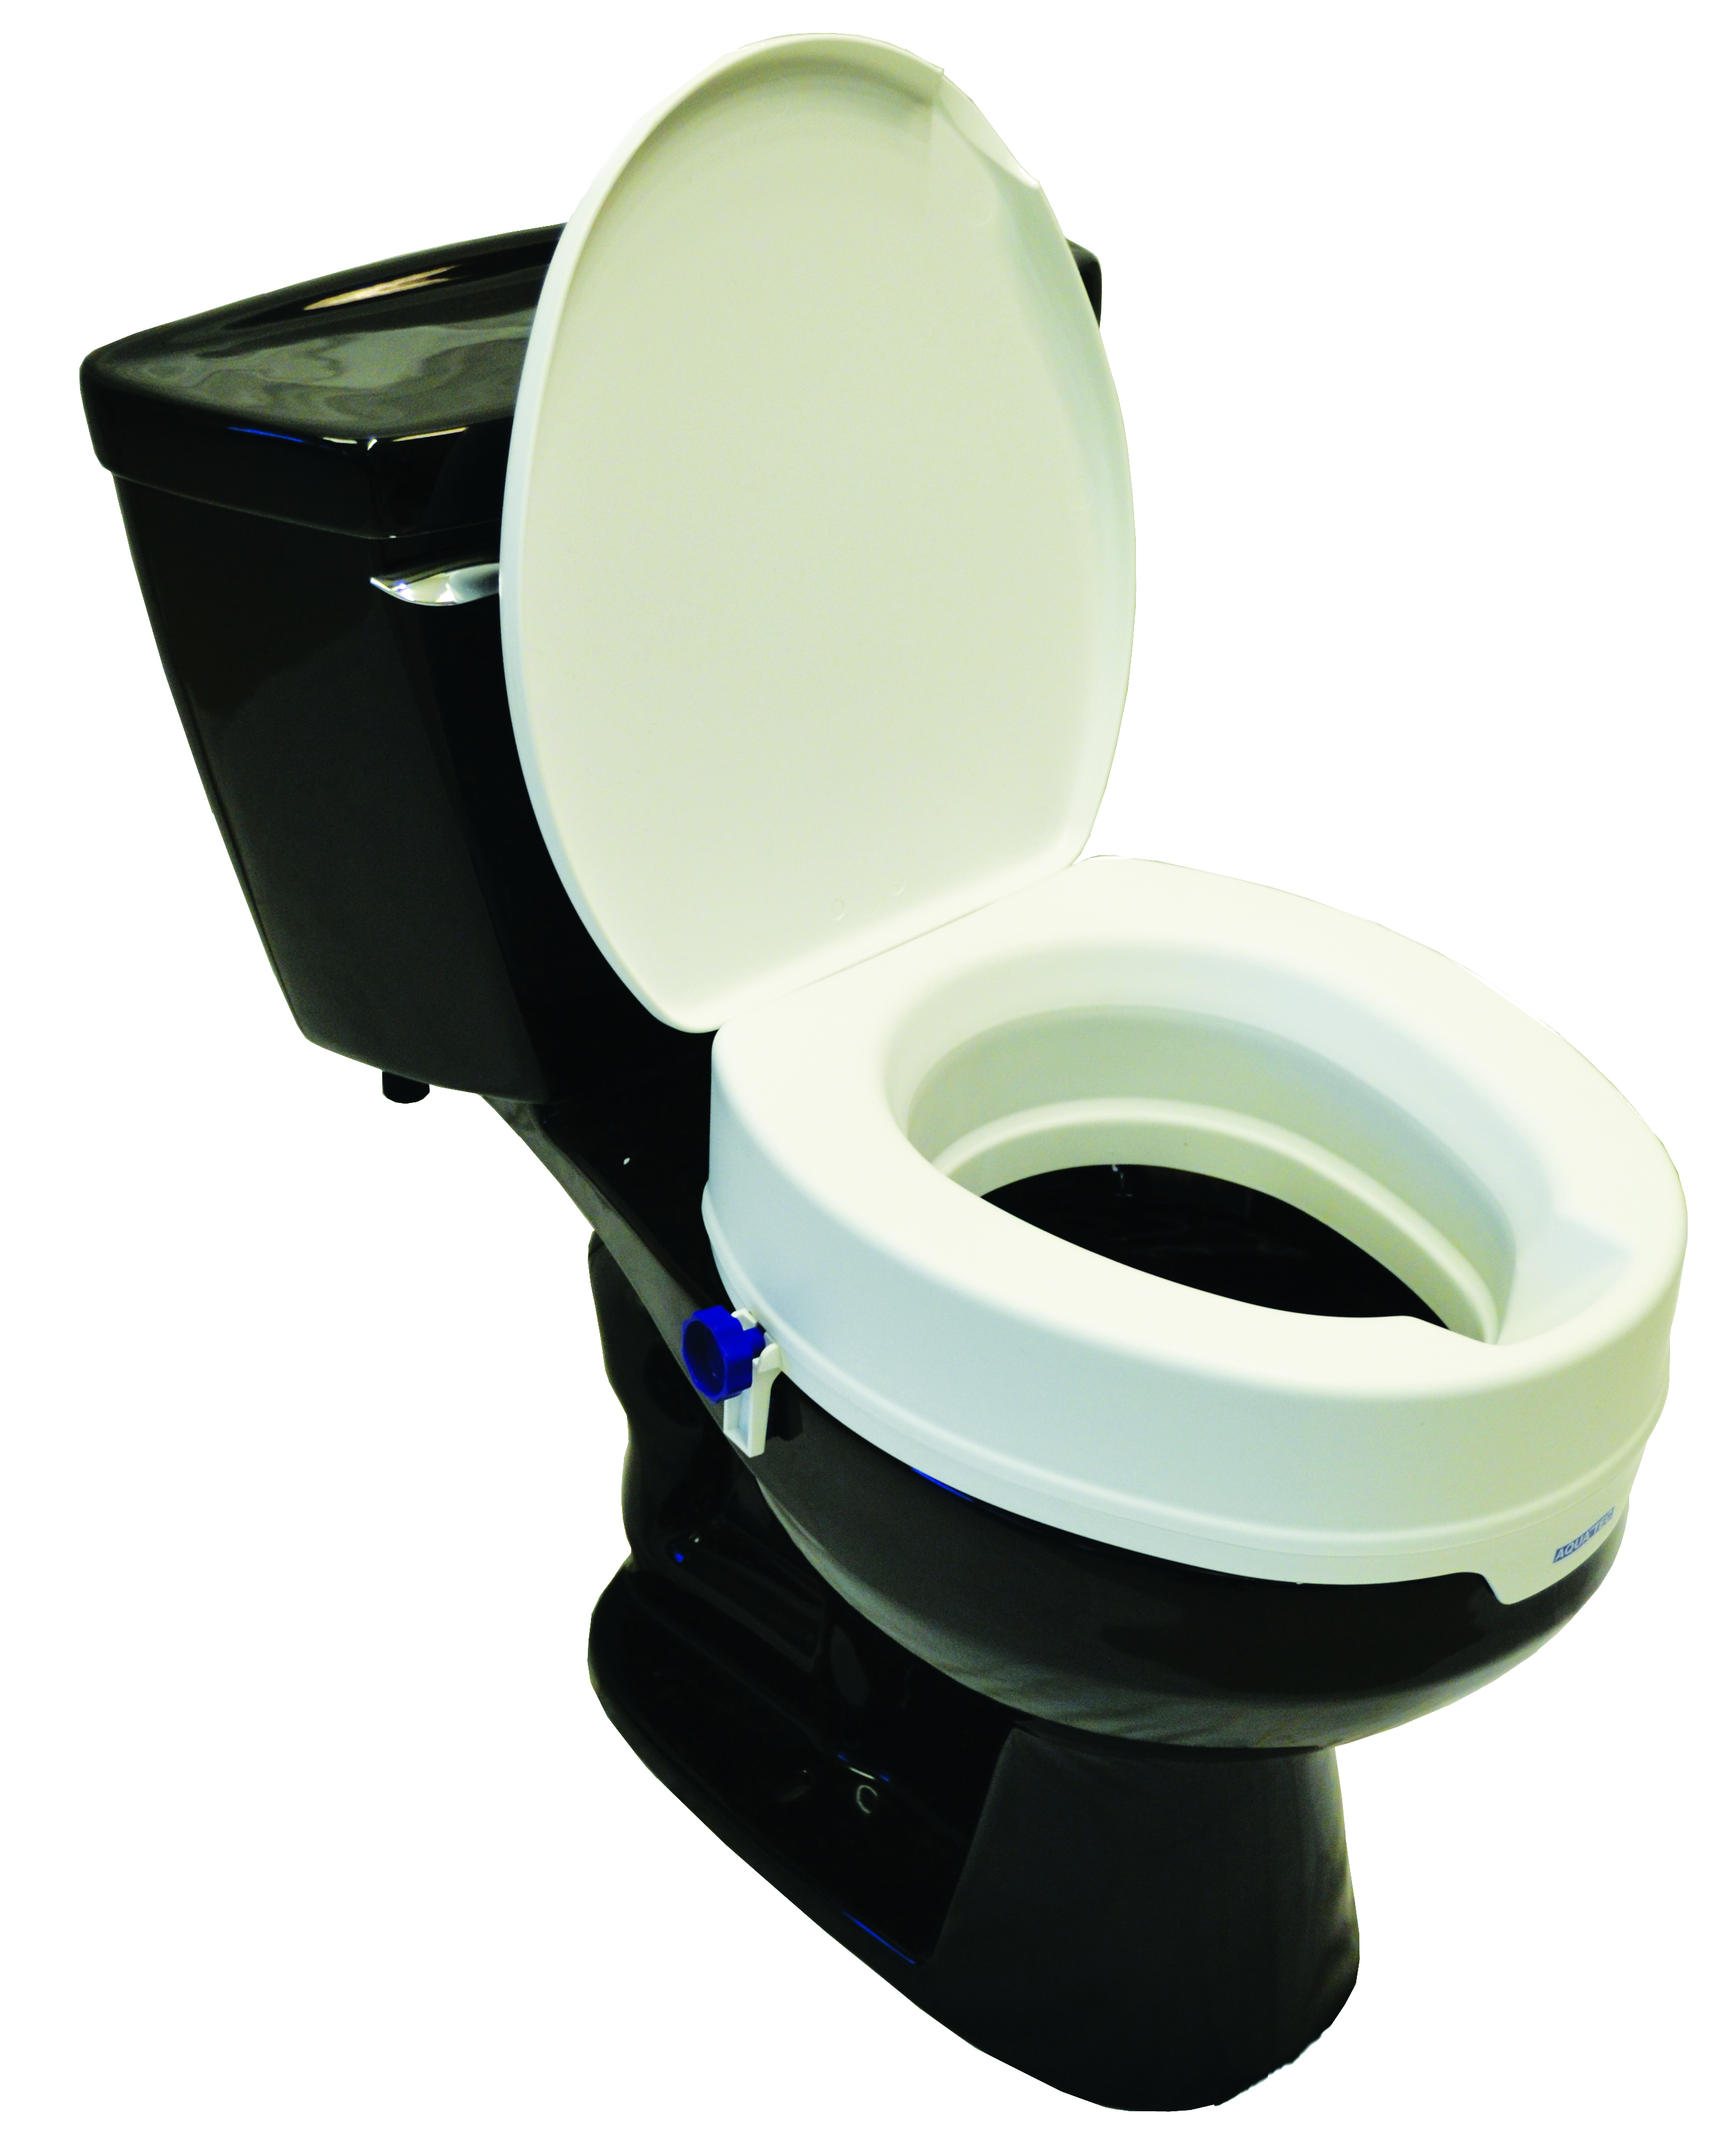 Aquatec A90 Toilet Seat Riser 500lb Capacity